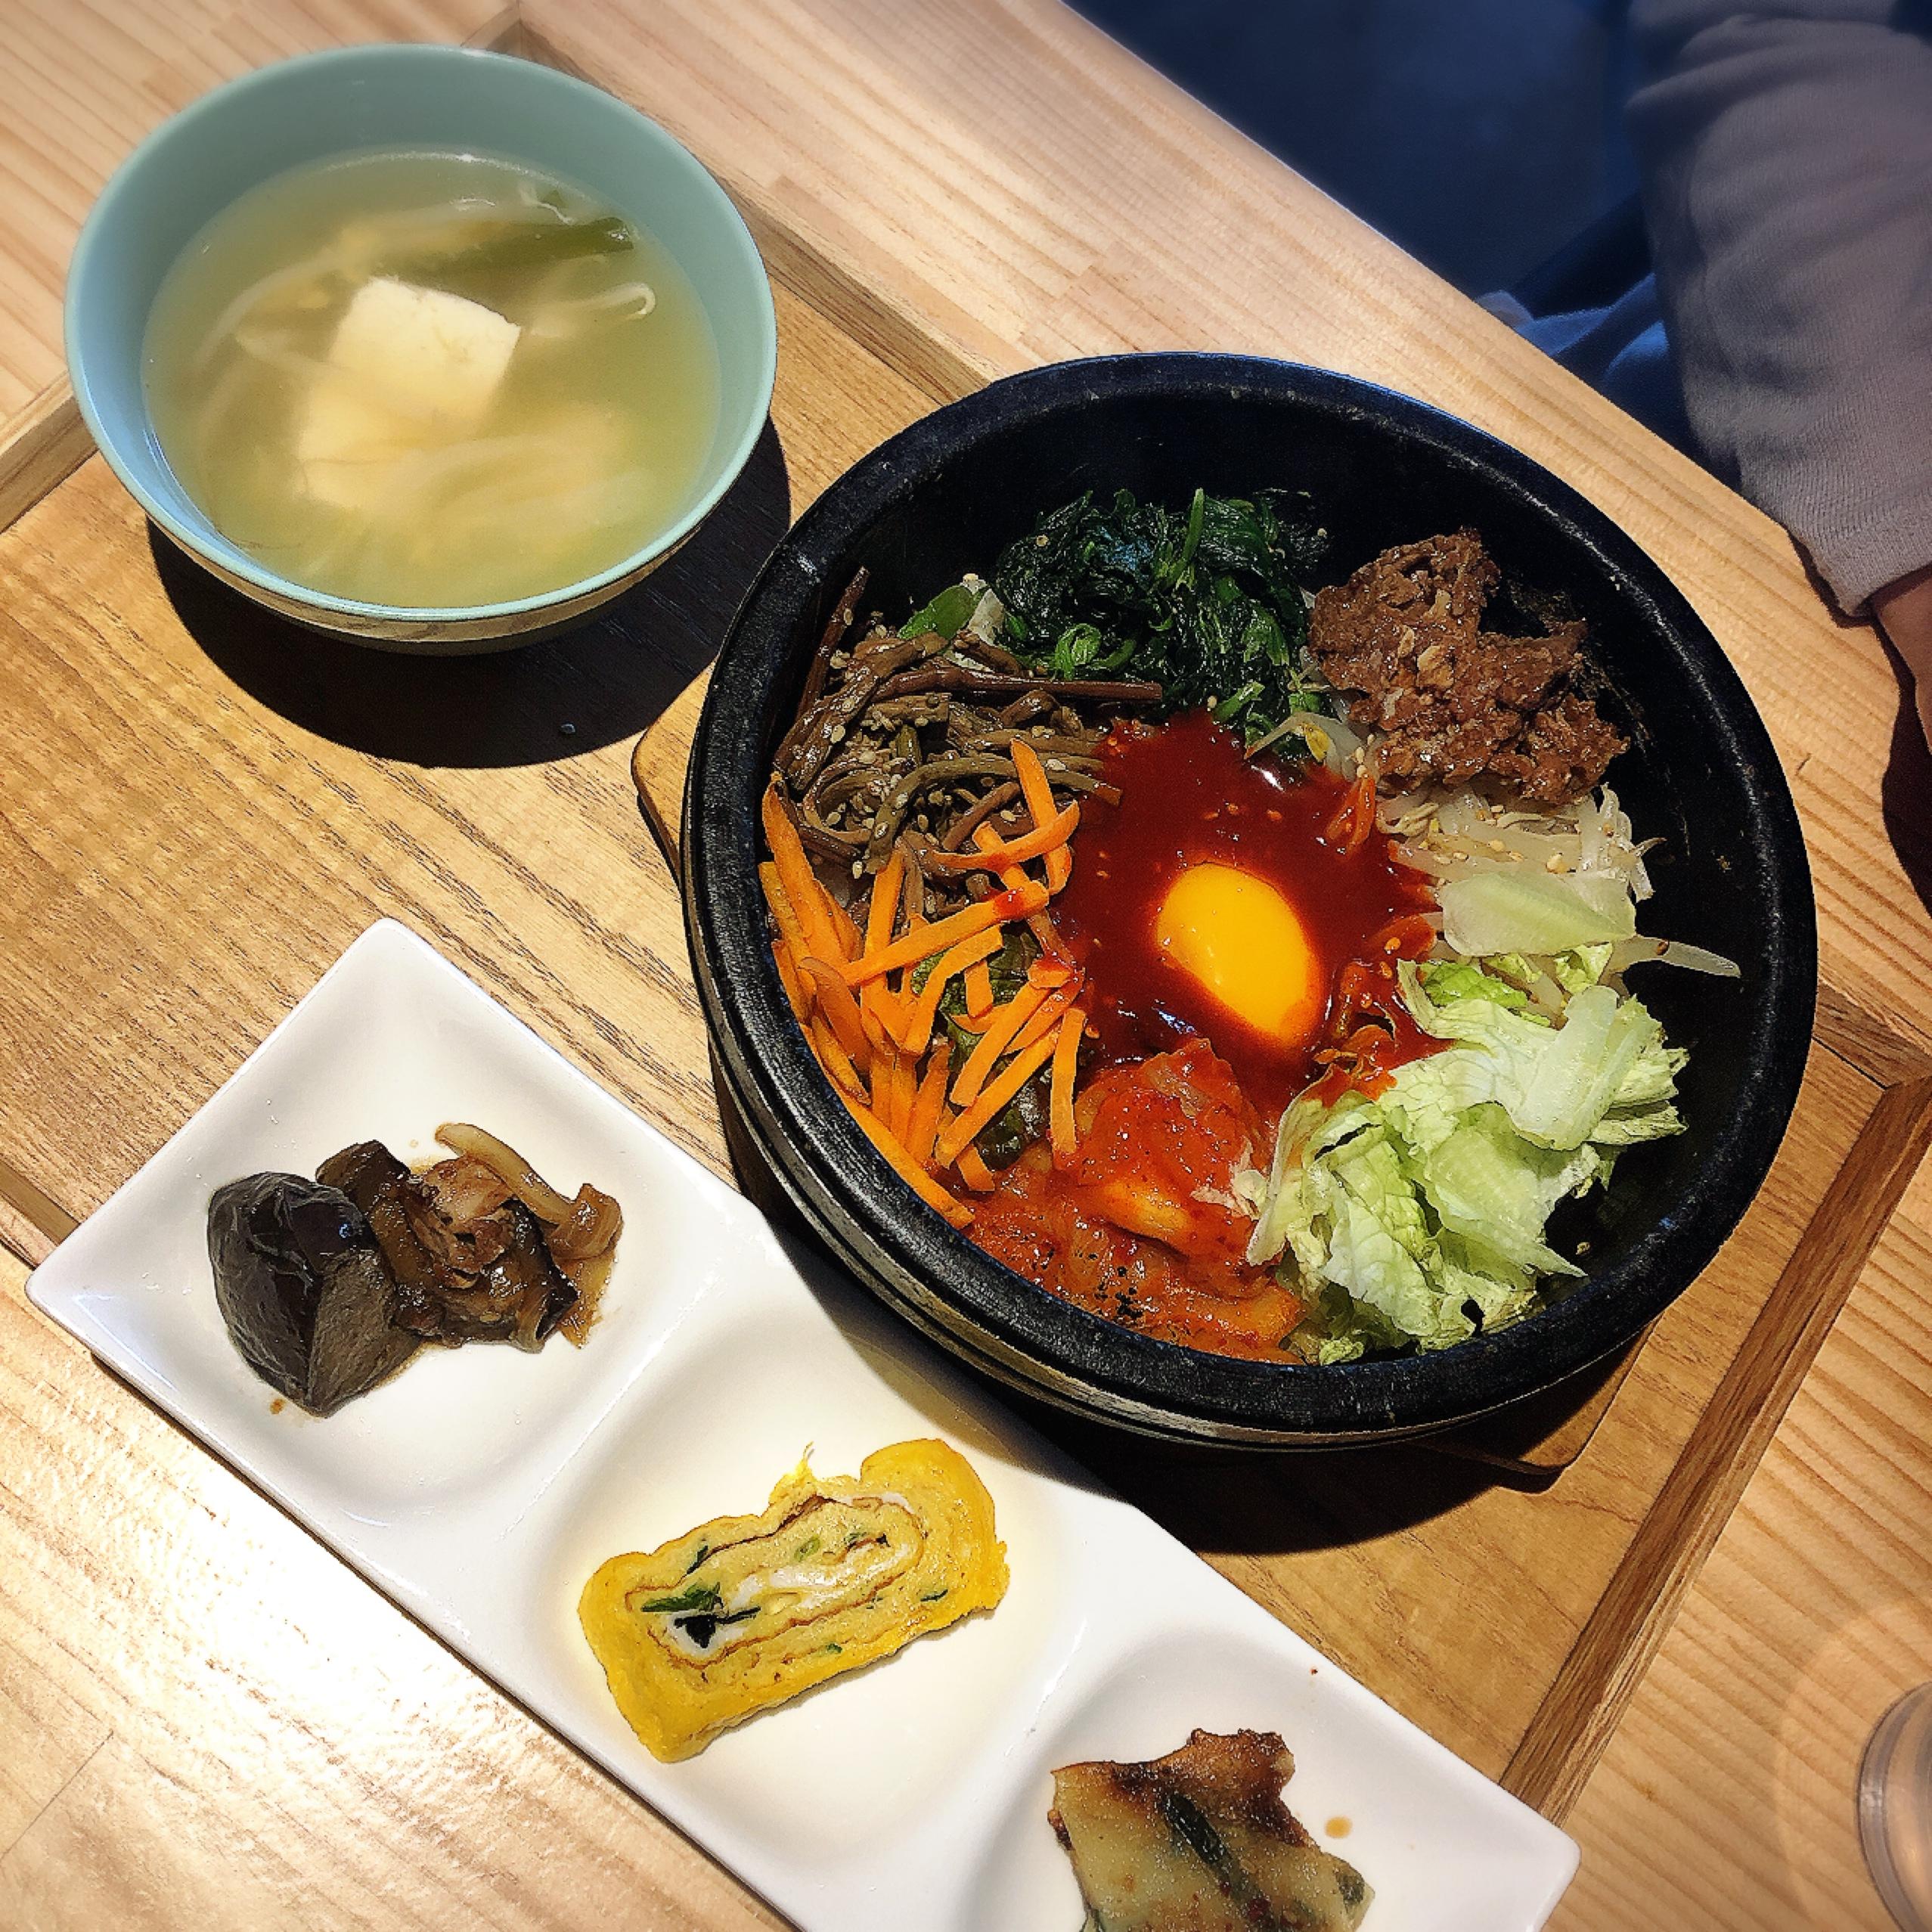 韓国人店主の本格韓国料理がいただける「韓国料理CHOI(チェ)」